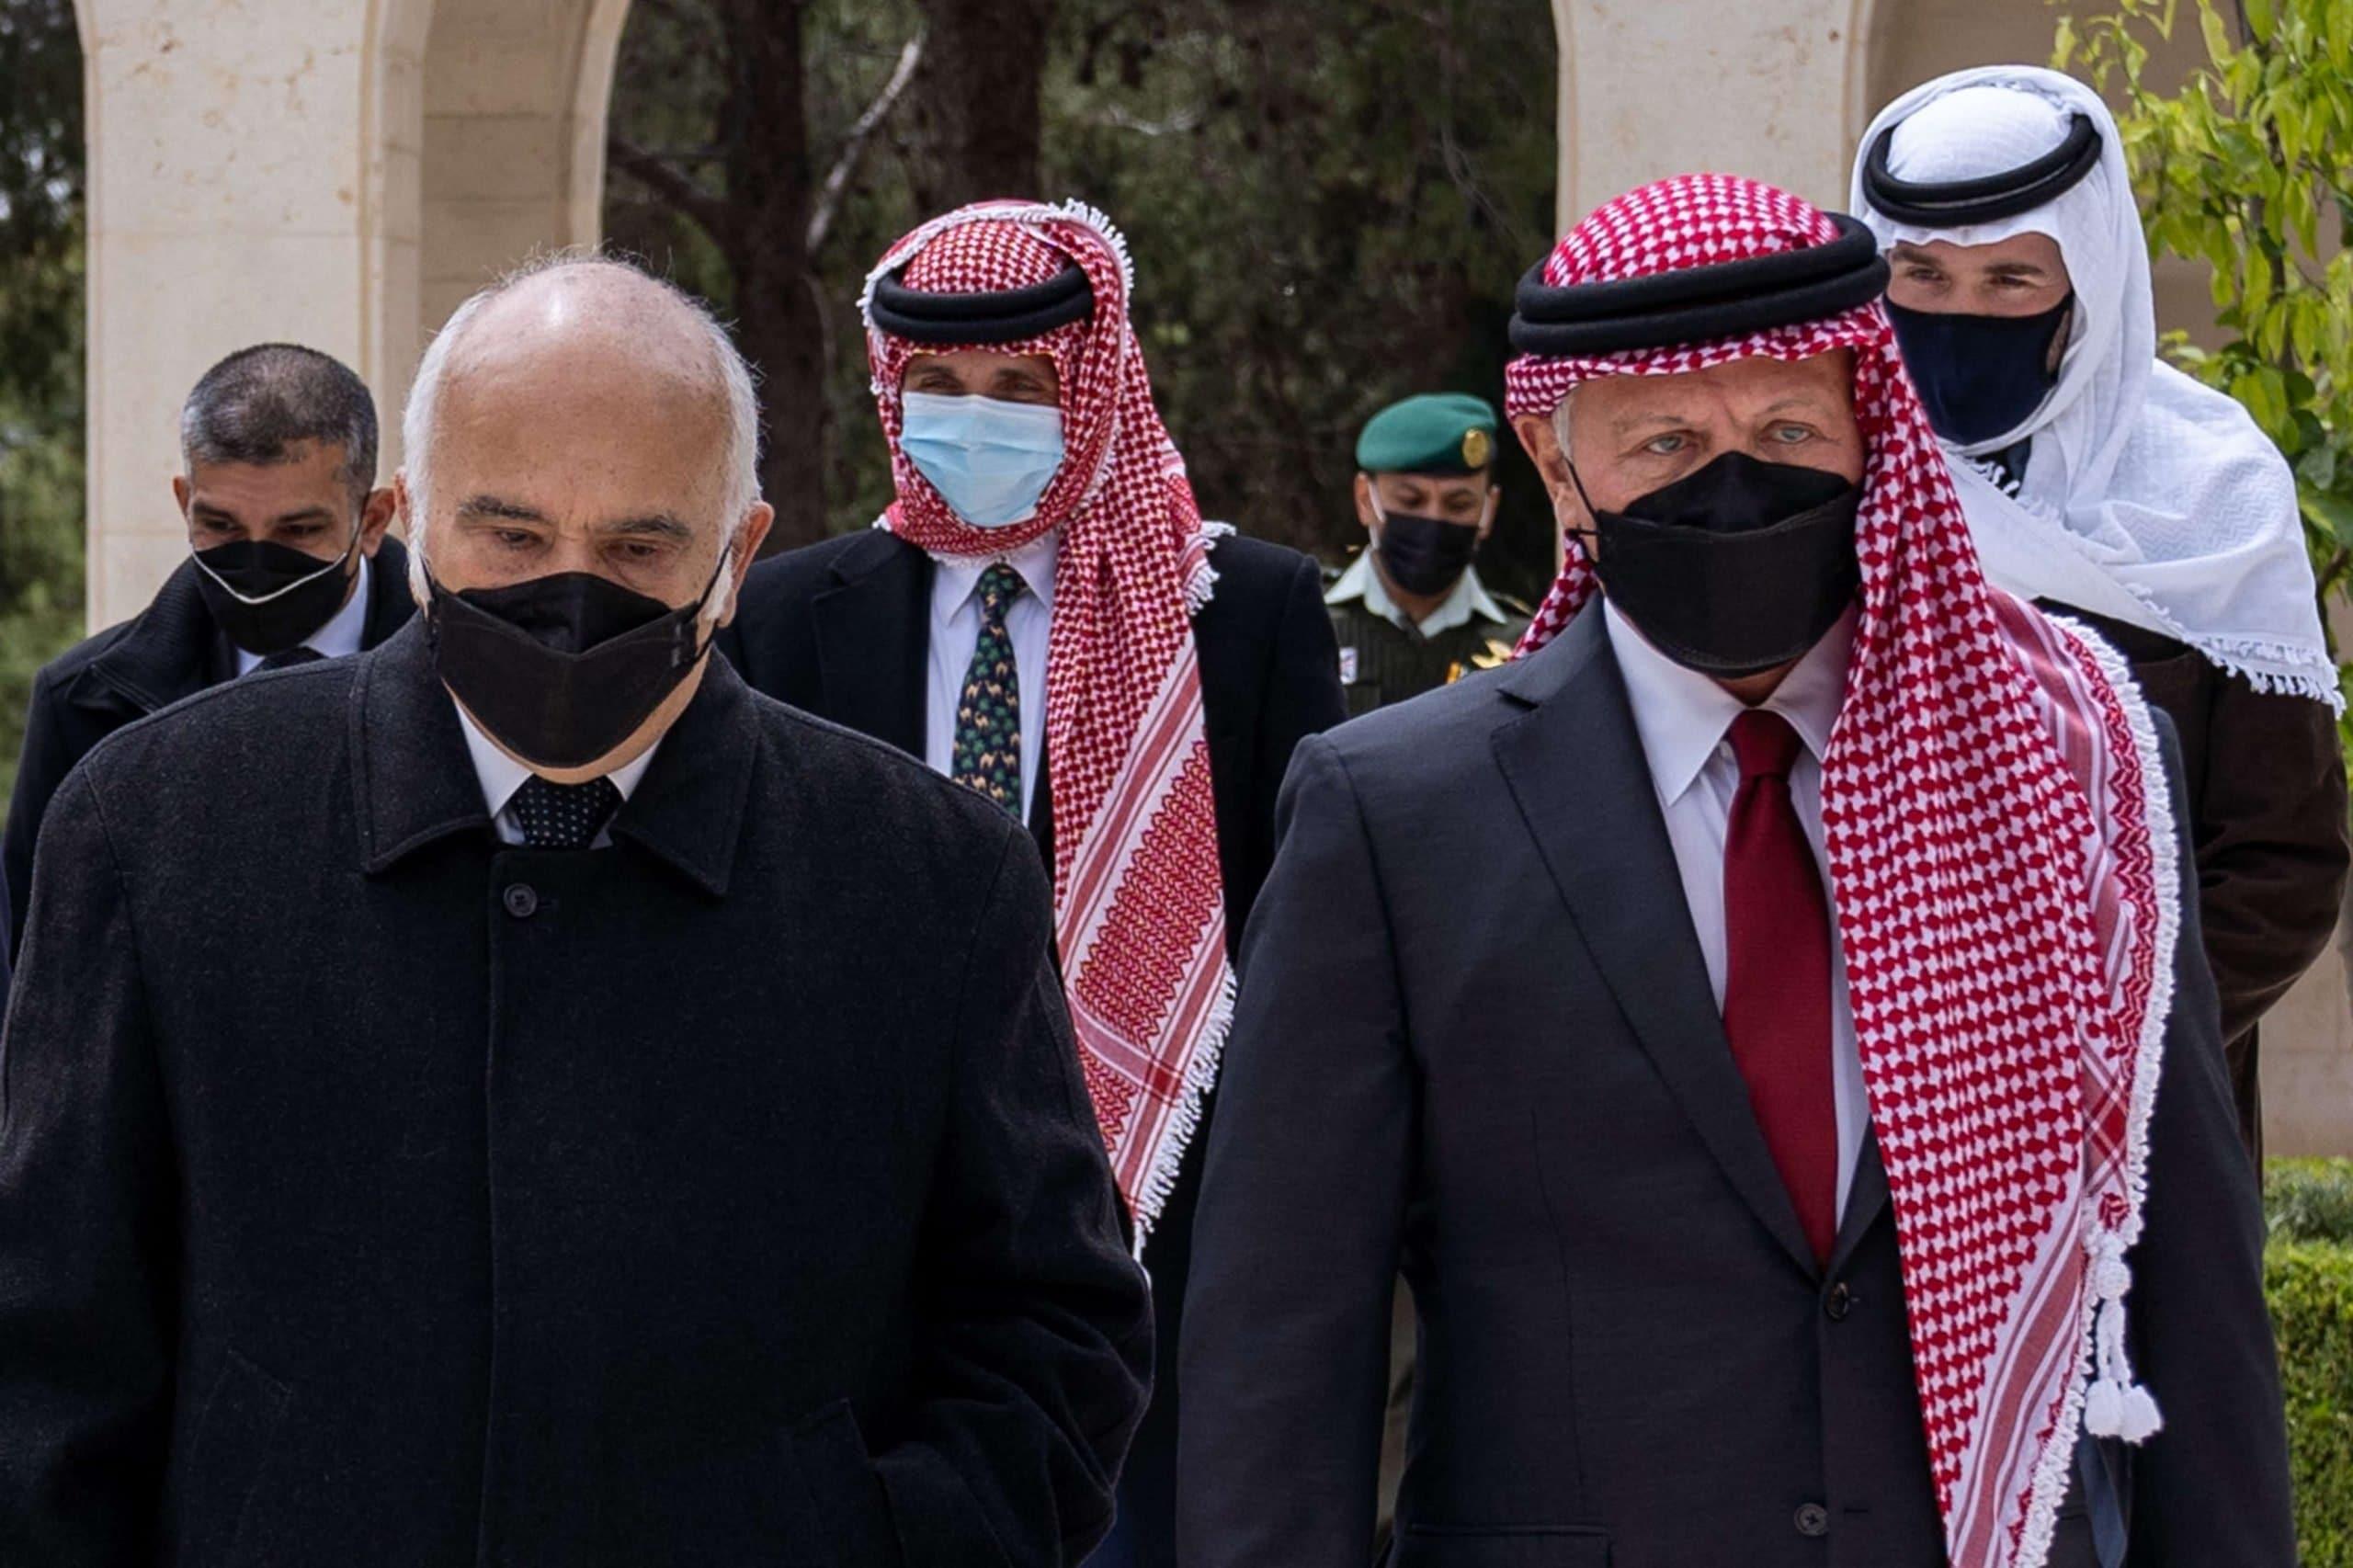 تسجيلات مسربة بين الأمير حمزة والشريف حسن تكشف تفاصيل الانقلاب المزعوم (فيديو)